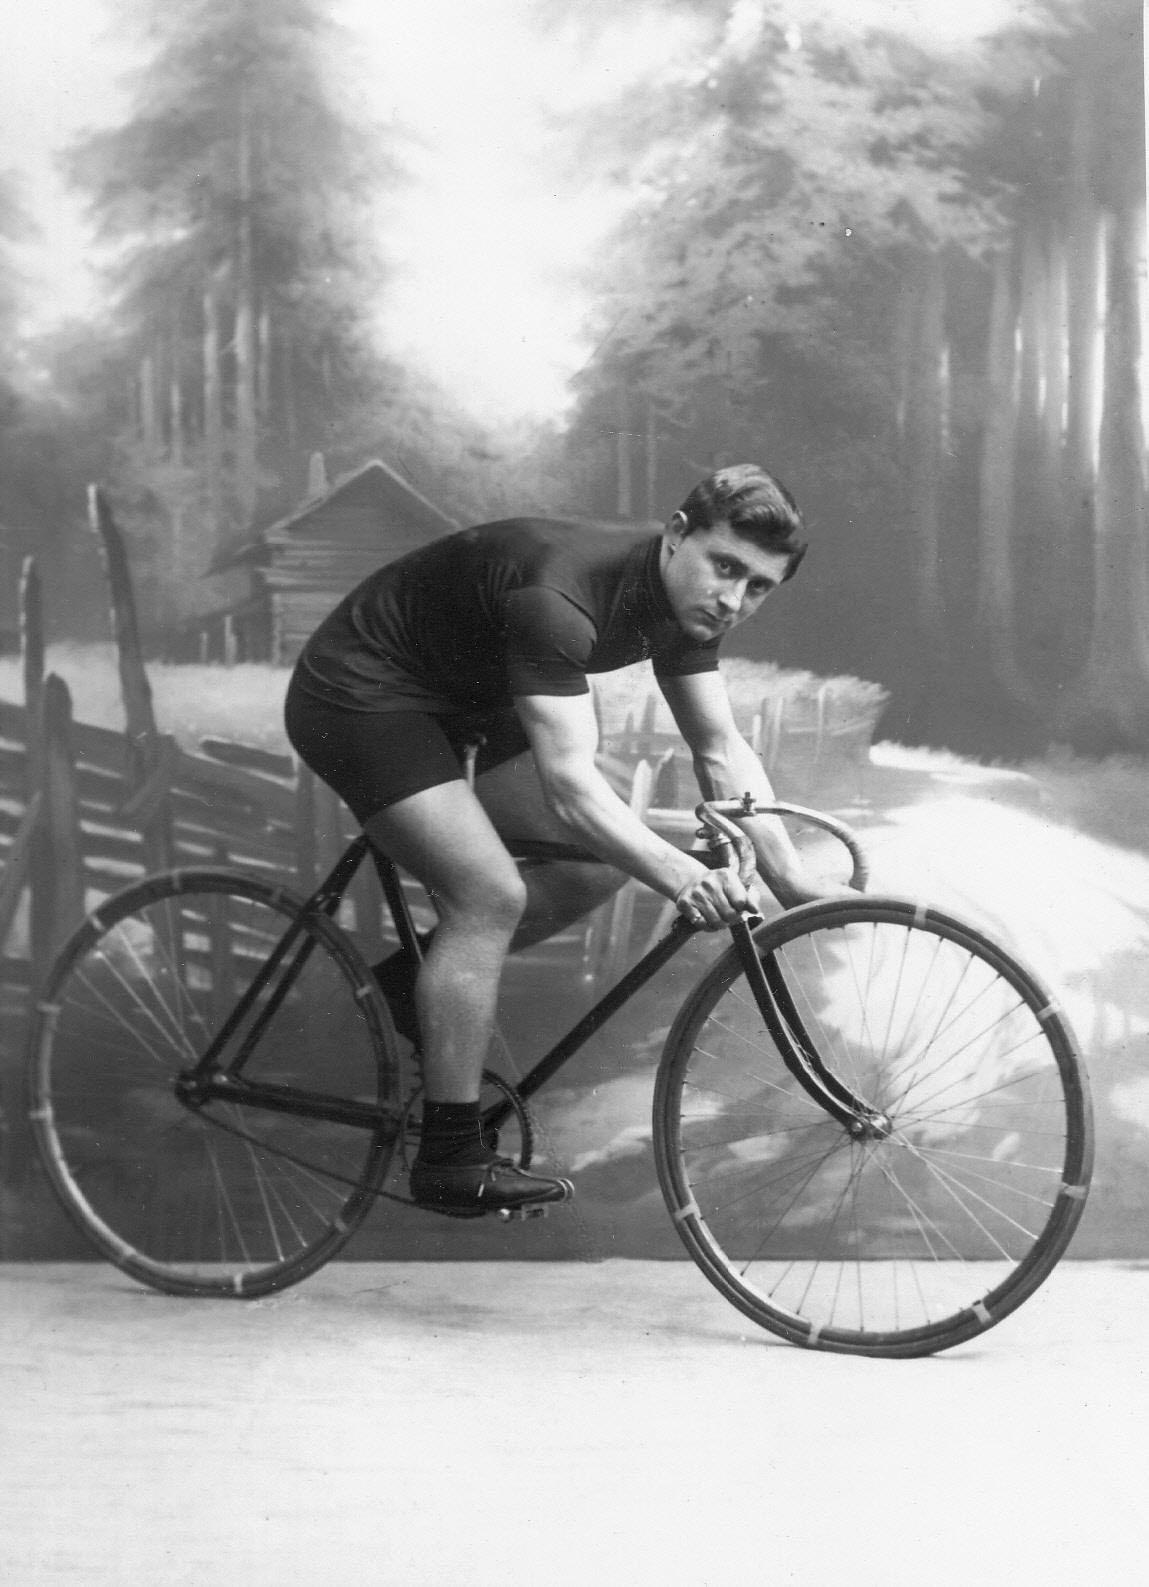 Генрих Столь, участник велогонок от США, на велосипеде. До 1915